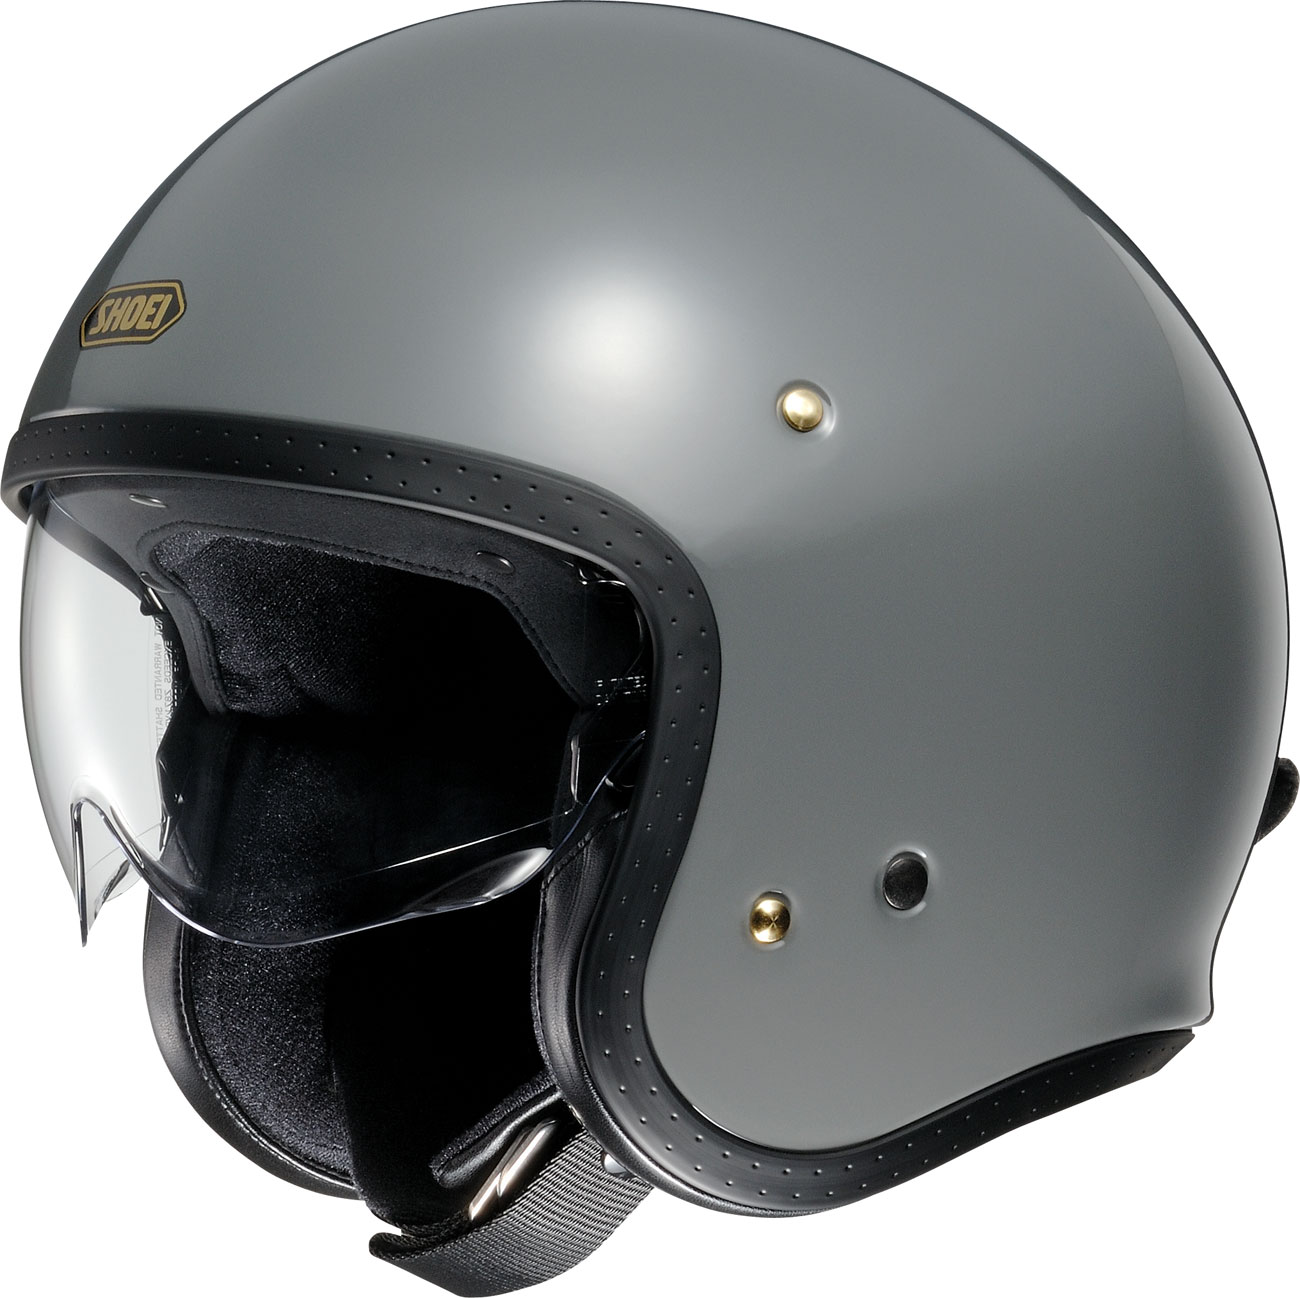 Shoei J.O Jethelm - Grau - XL 13 08 026 6